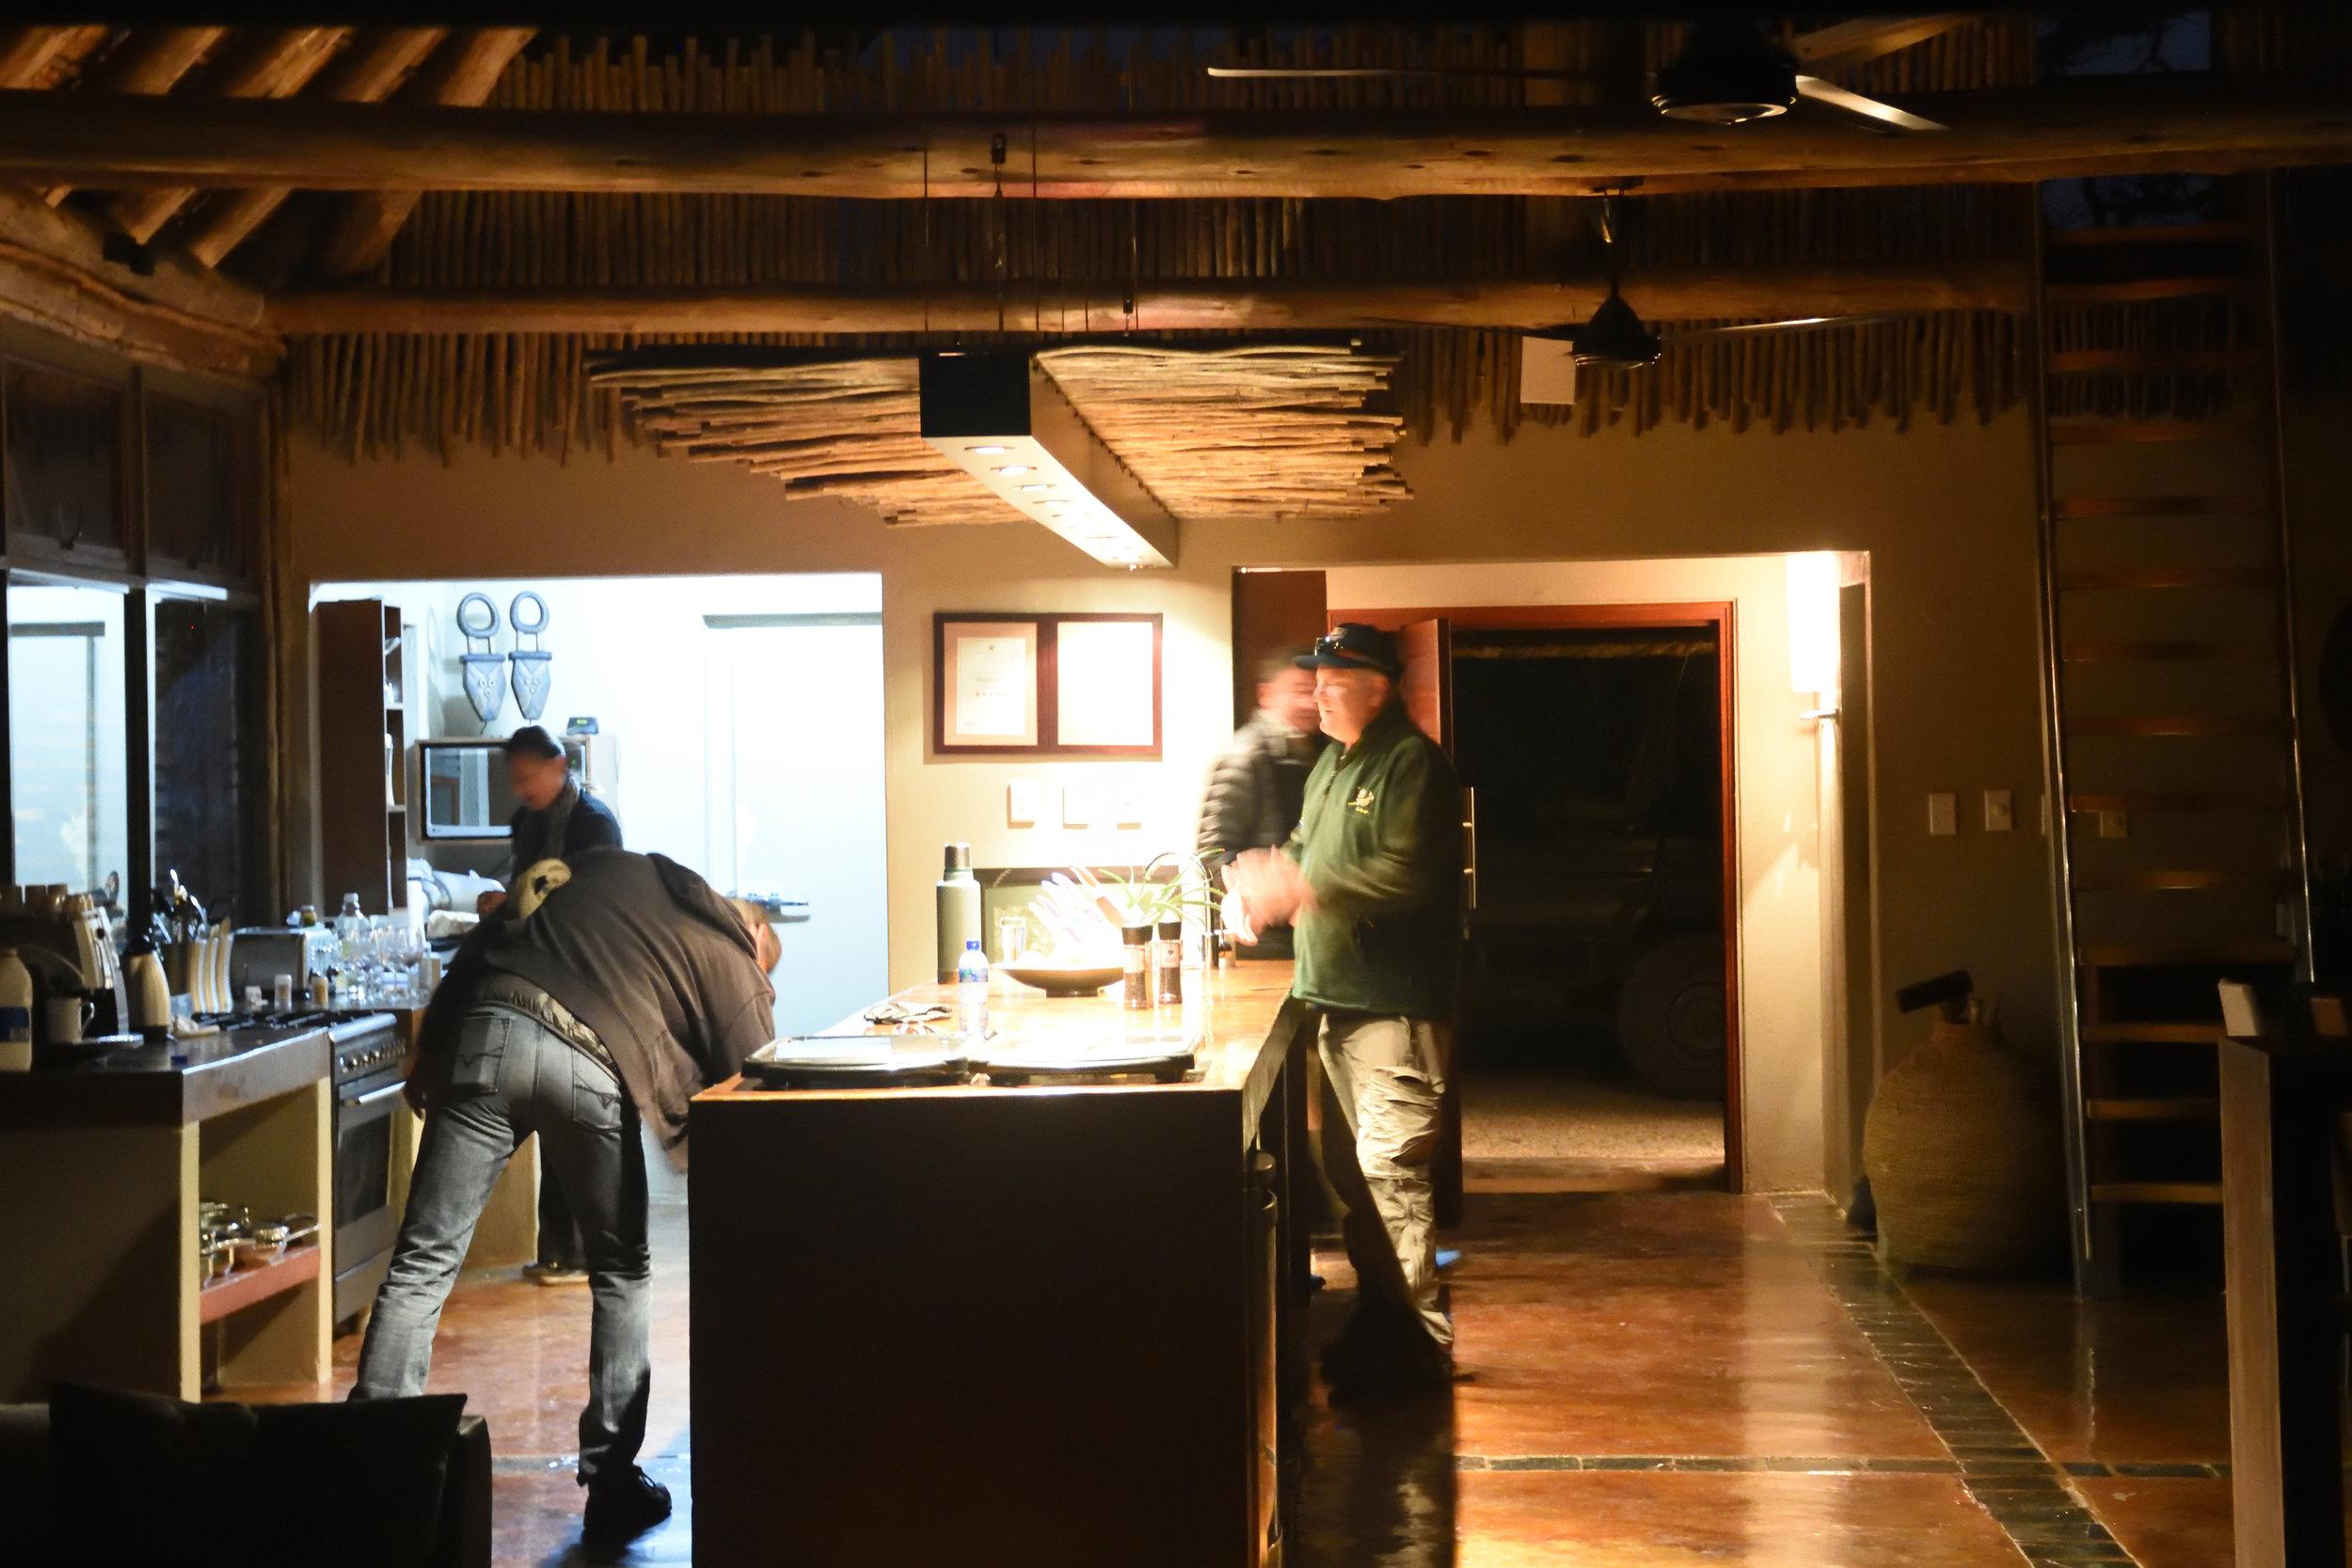 Idwala Game Lodge, Nambiti Game Reserve, September 2017